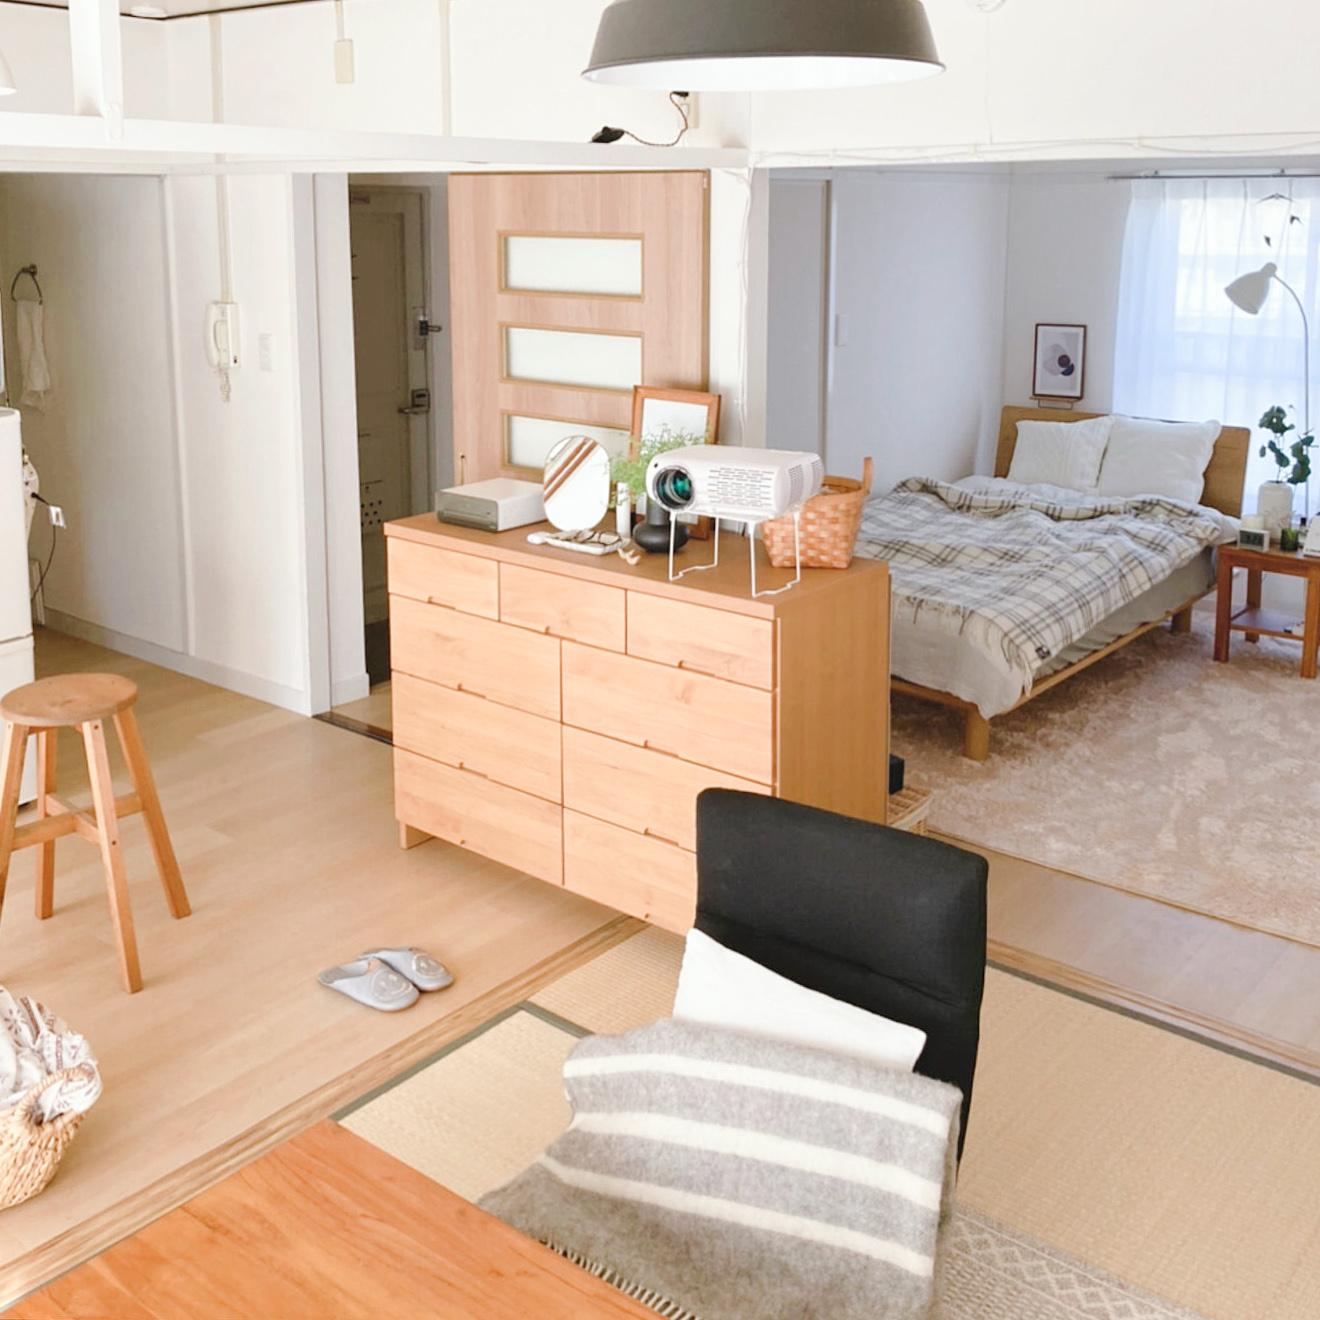 リノベーションされて生まれ変わった2DKで一人暮らしをする方のお部屋。チェストやテーブル、ベッドフレームなど、見える木の色を明るい色で統一しています。畳も張り替えたばかり。そのため床色があまり変わらない点も違和感なく暮らせるポイントなのかもしれません。